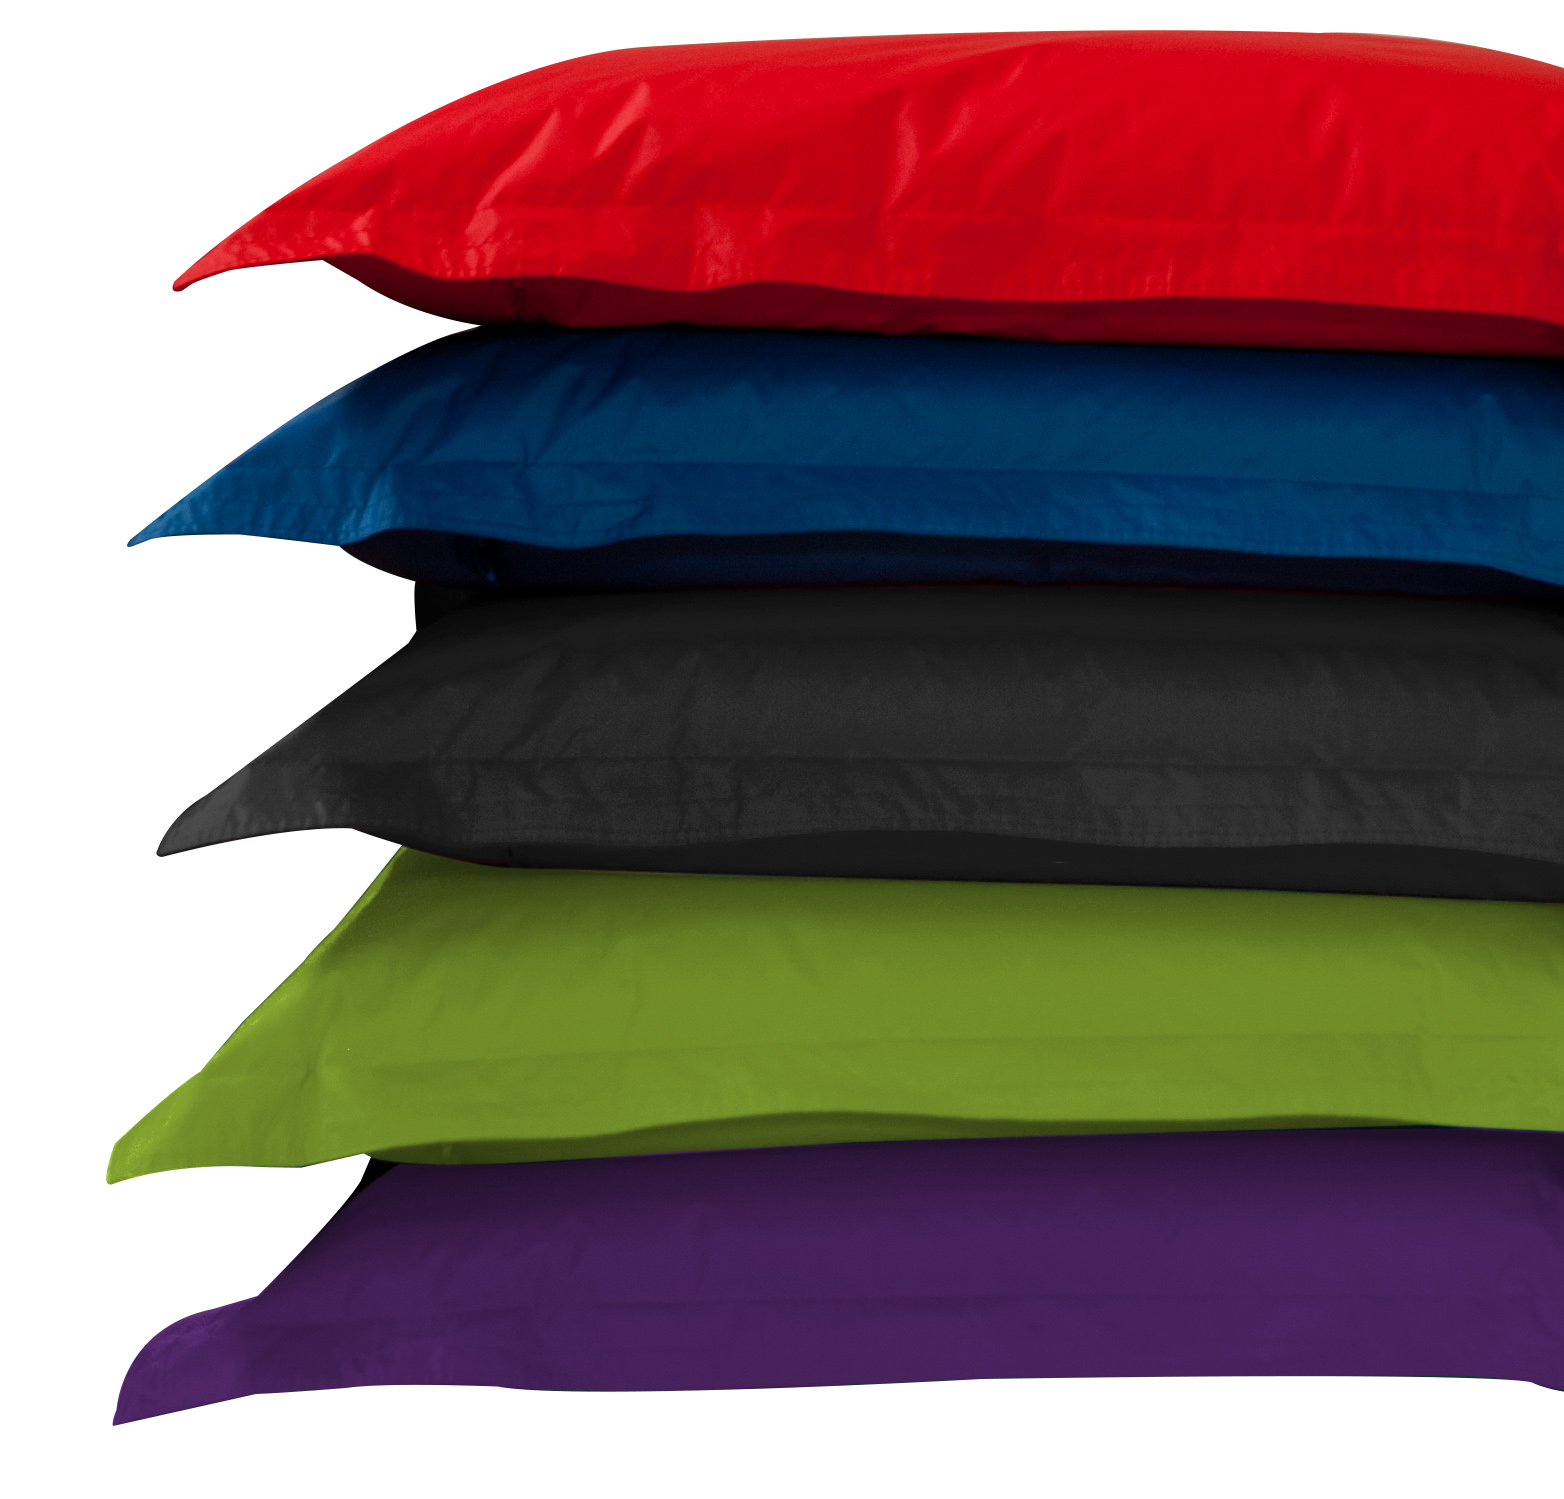 Eden-Giant-Floor-Cushion-colours-stack-300dpi.jpg